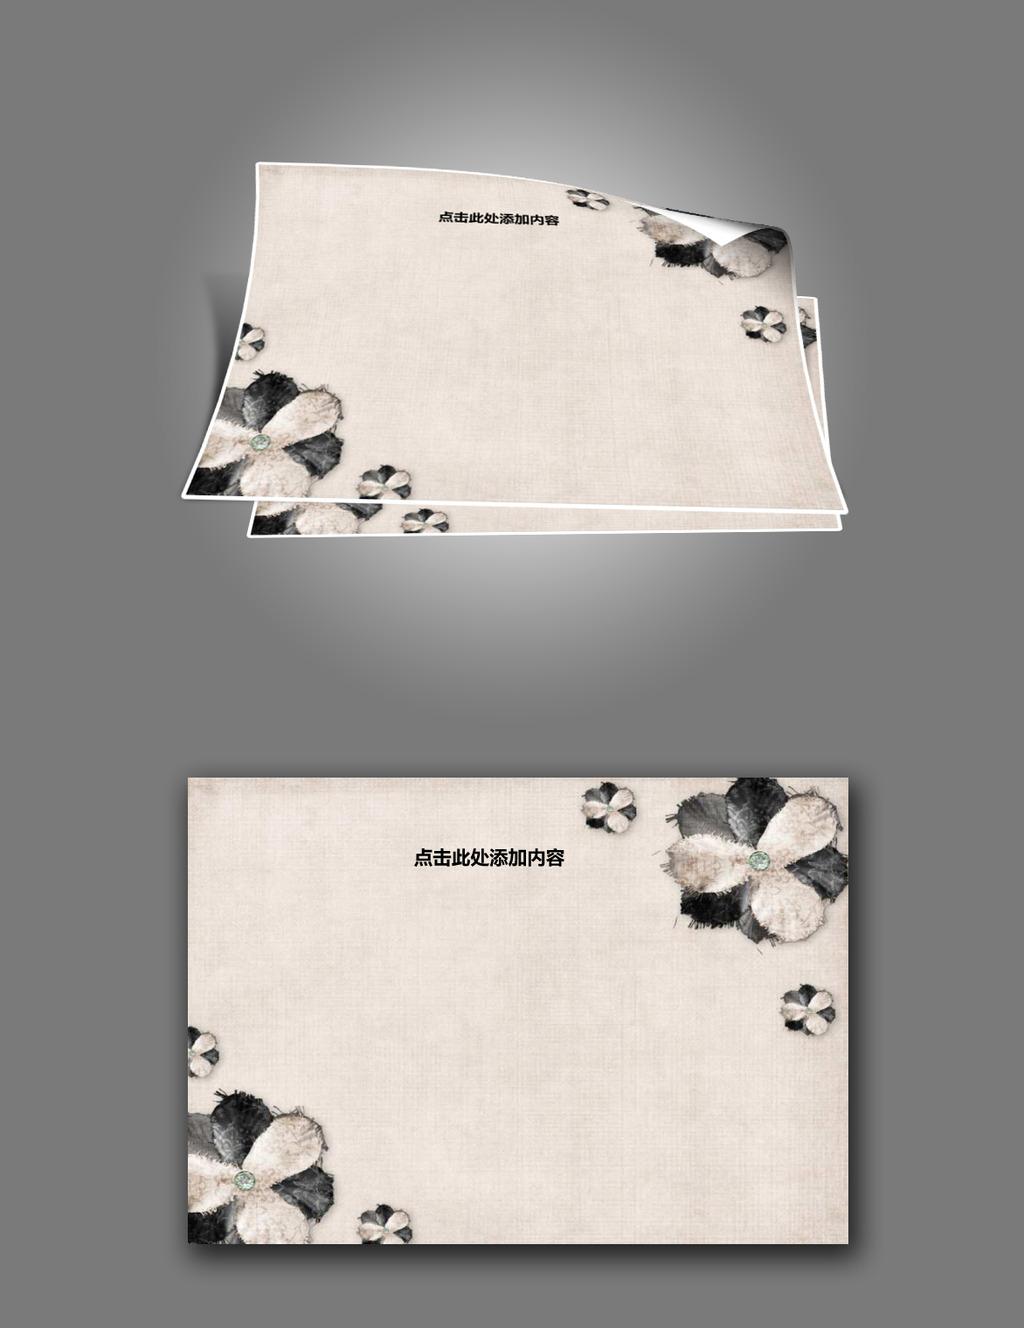 手绘花信纸模板模板下载 手绘花信纸模板图片下载 韩风 简约 简洁